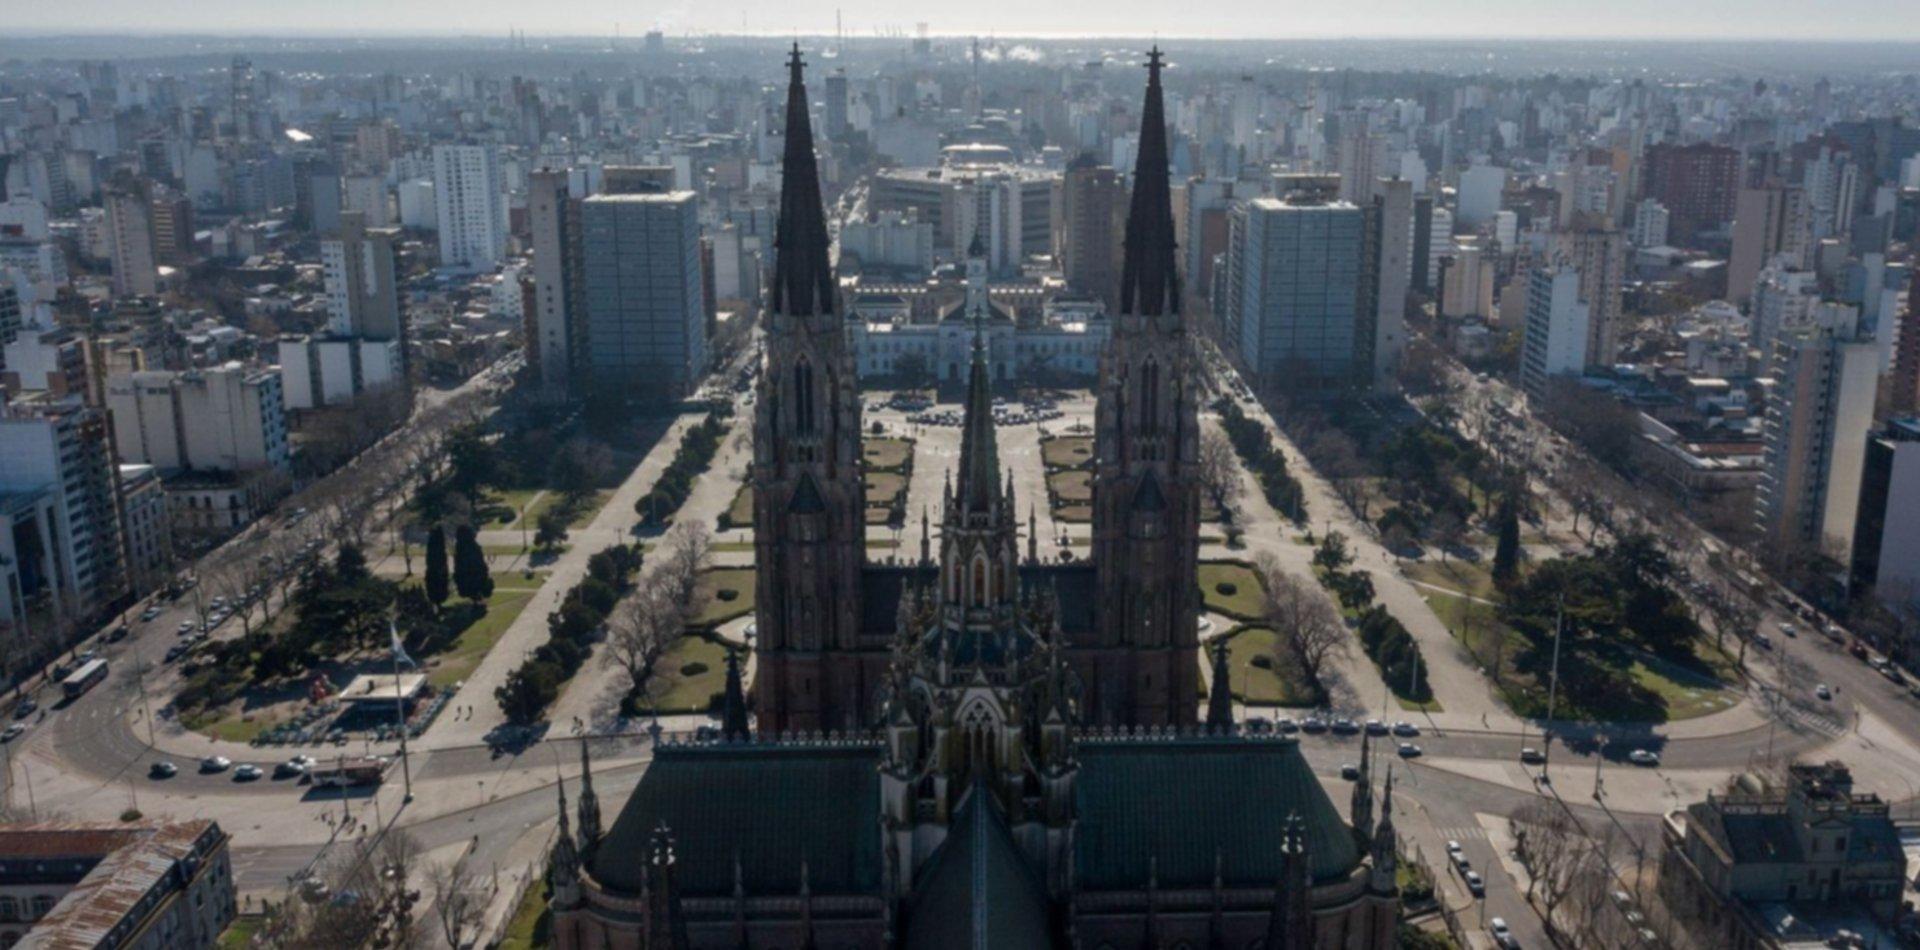 Música, teatro y procesión a la Catedral: ¿cómo será el Vía Crucis en La Plata?